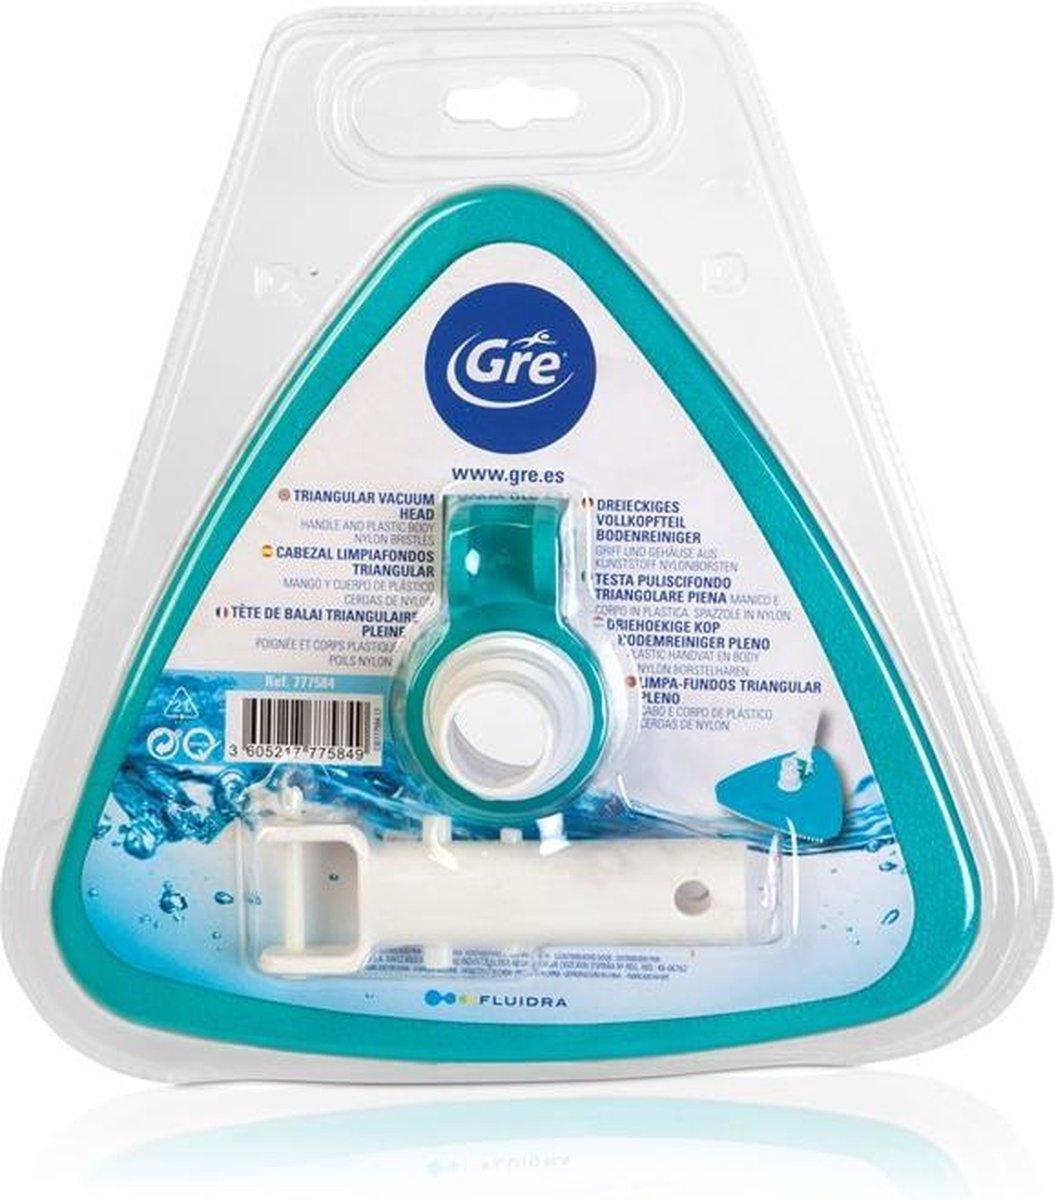 Zwembad stofzuiger - Bodemstofzuiger voor filterpomp - Zwembad - Voor aan de pomp - Driehoek